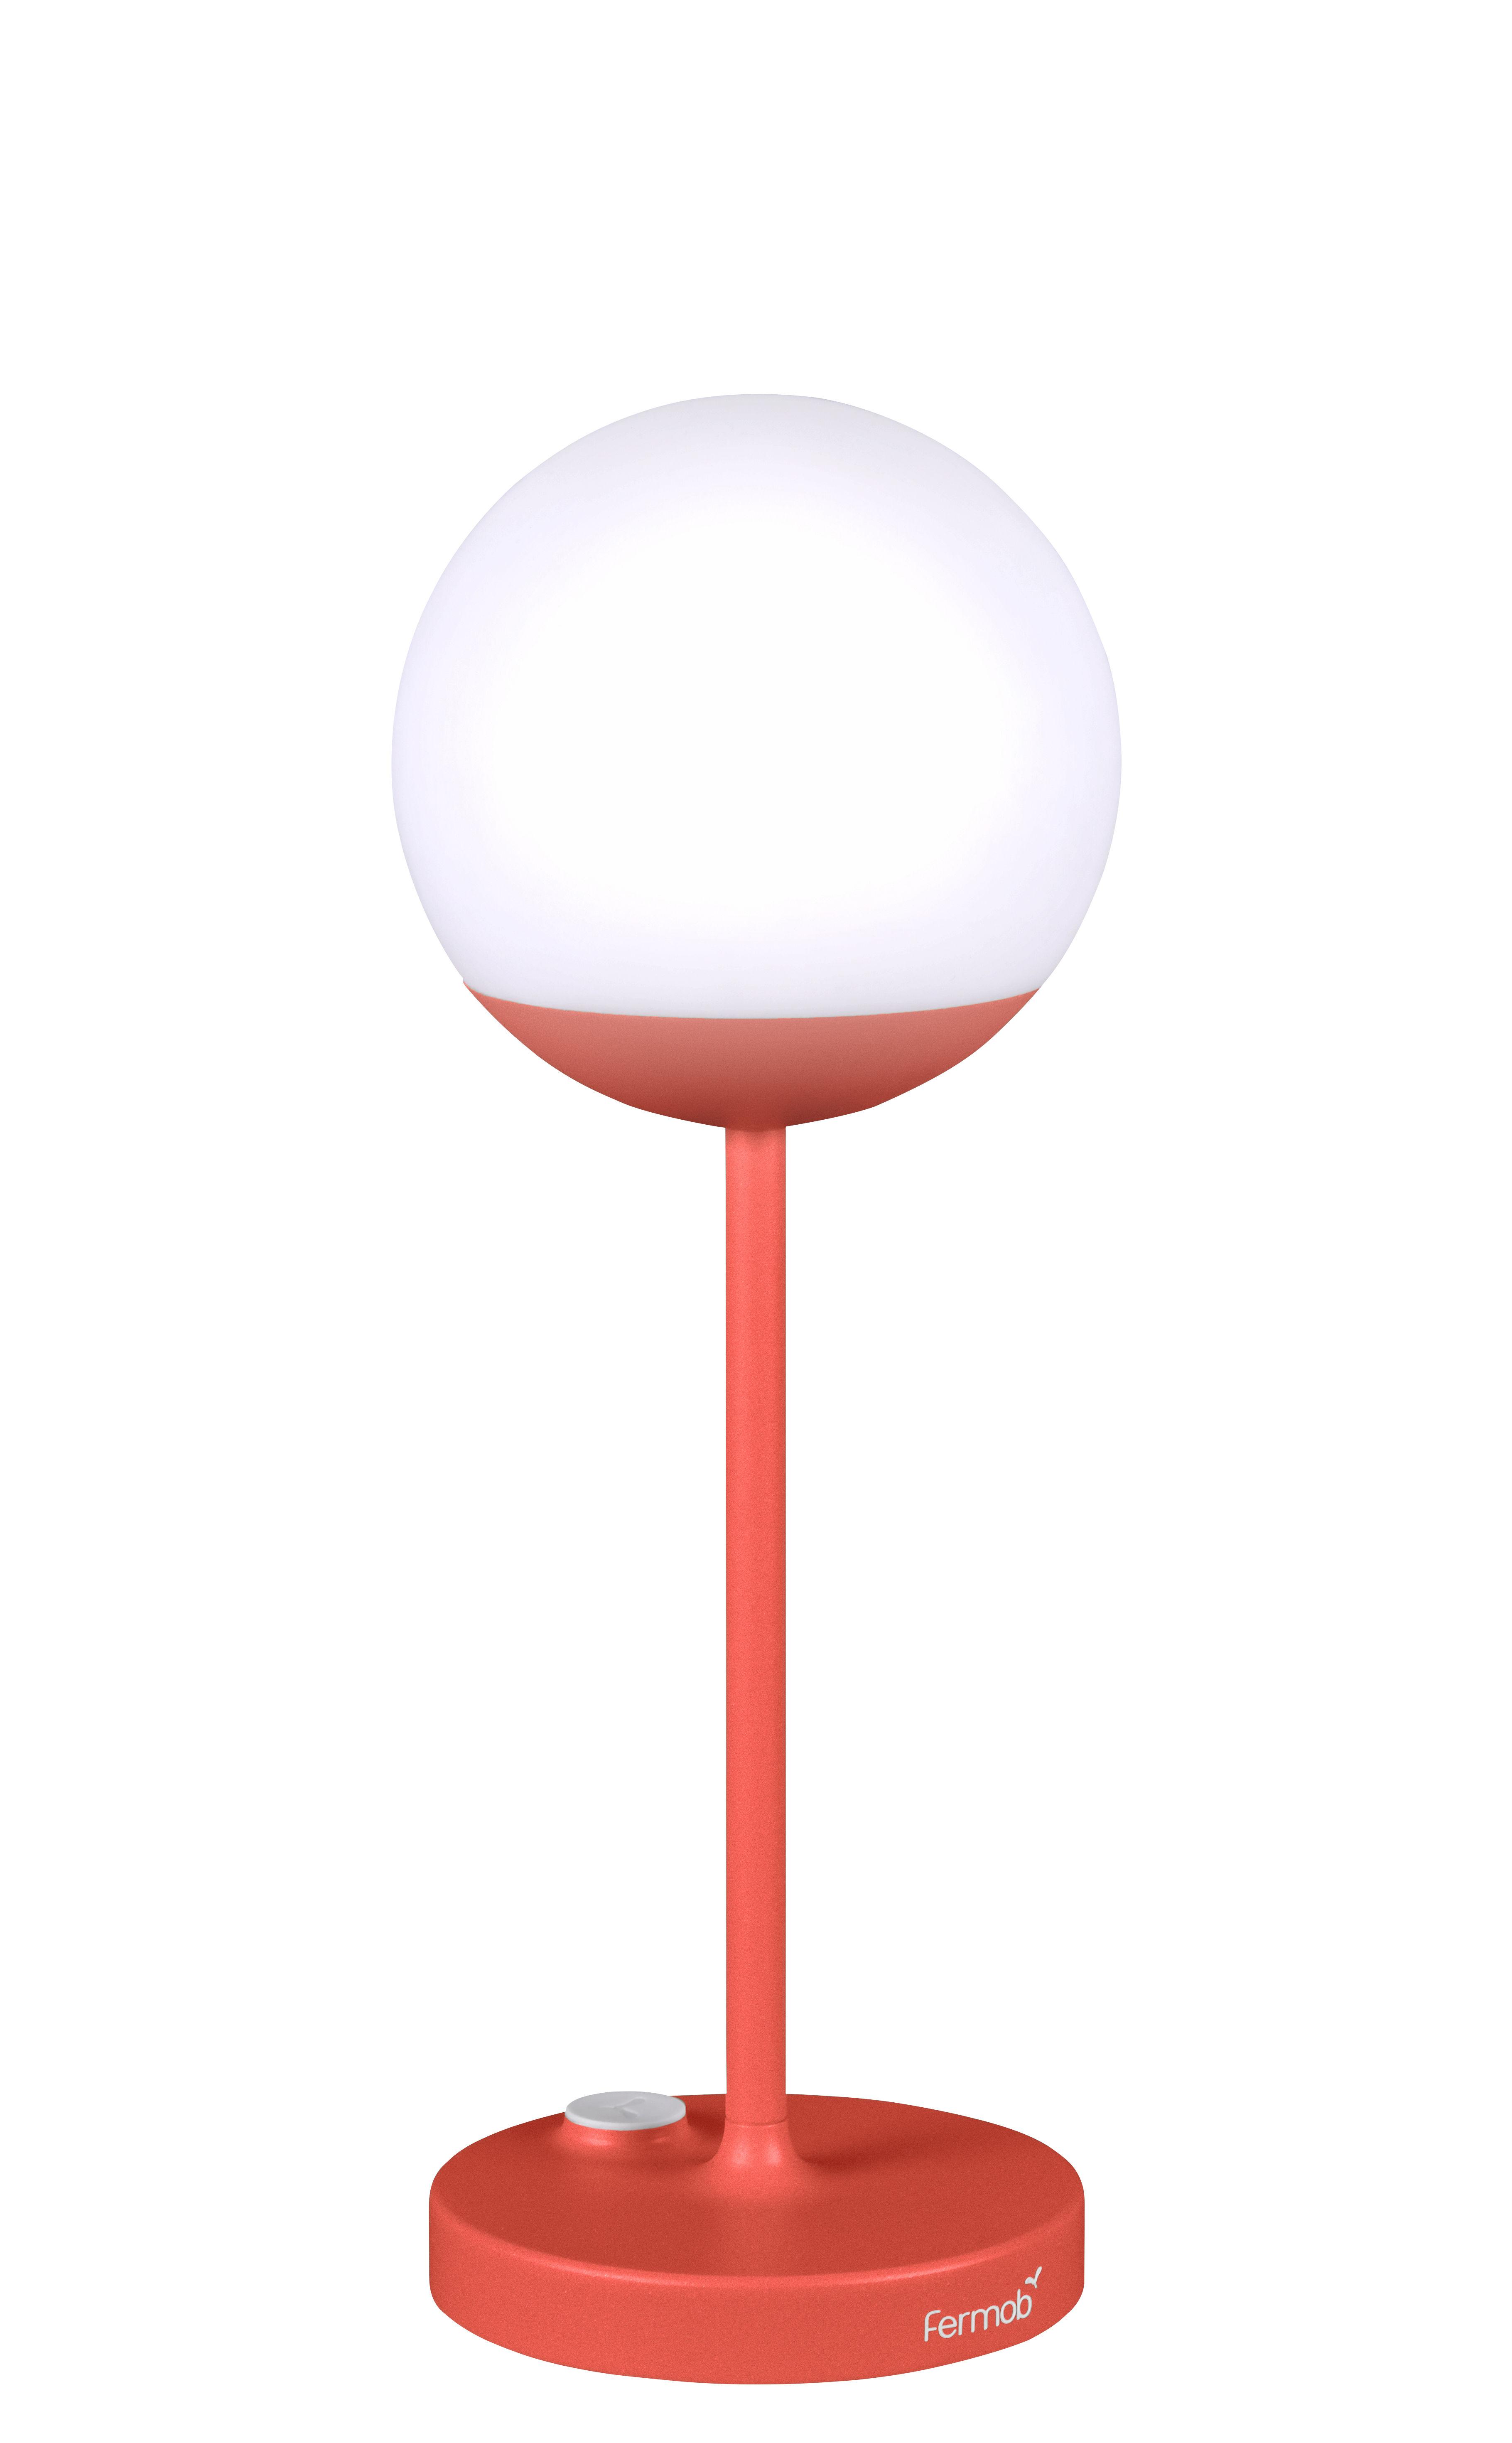 Luminaire - Lampes de table - Lampe sans fil Mooon! LED / H 41 cm - Recharge USB - Fermob - Capucine - Aluminium, Polyéthylène